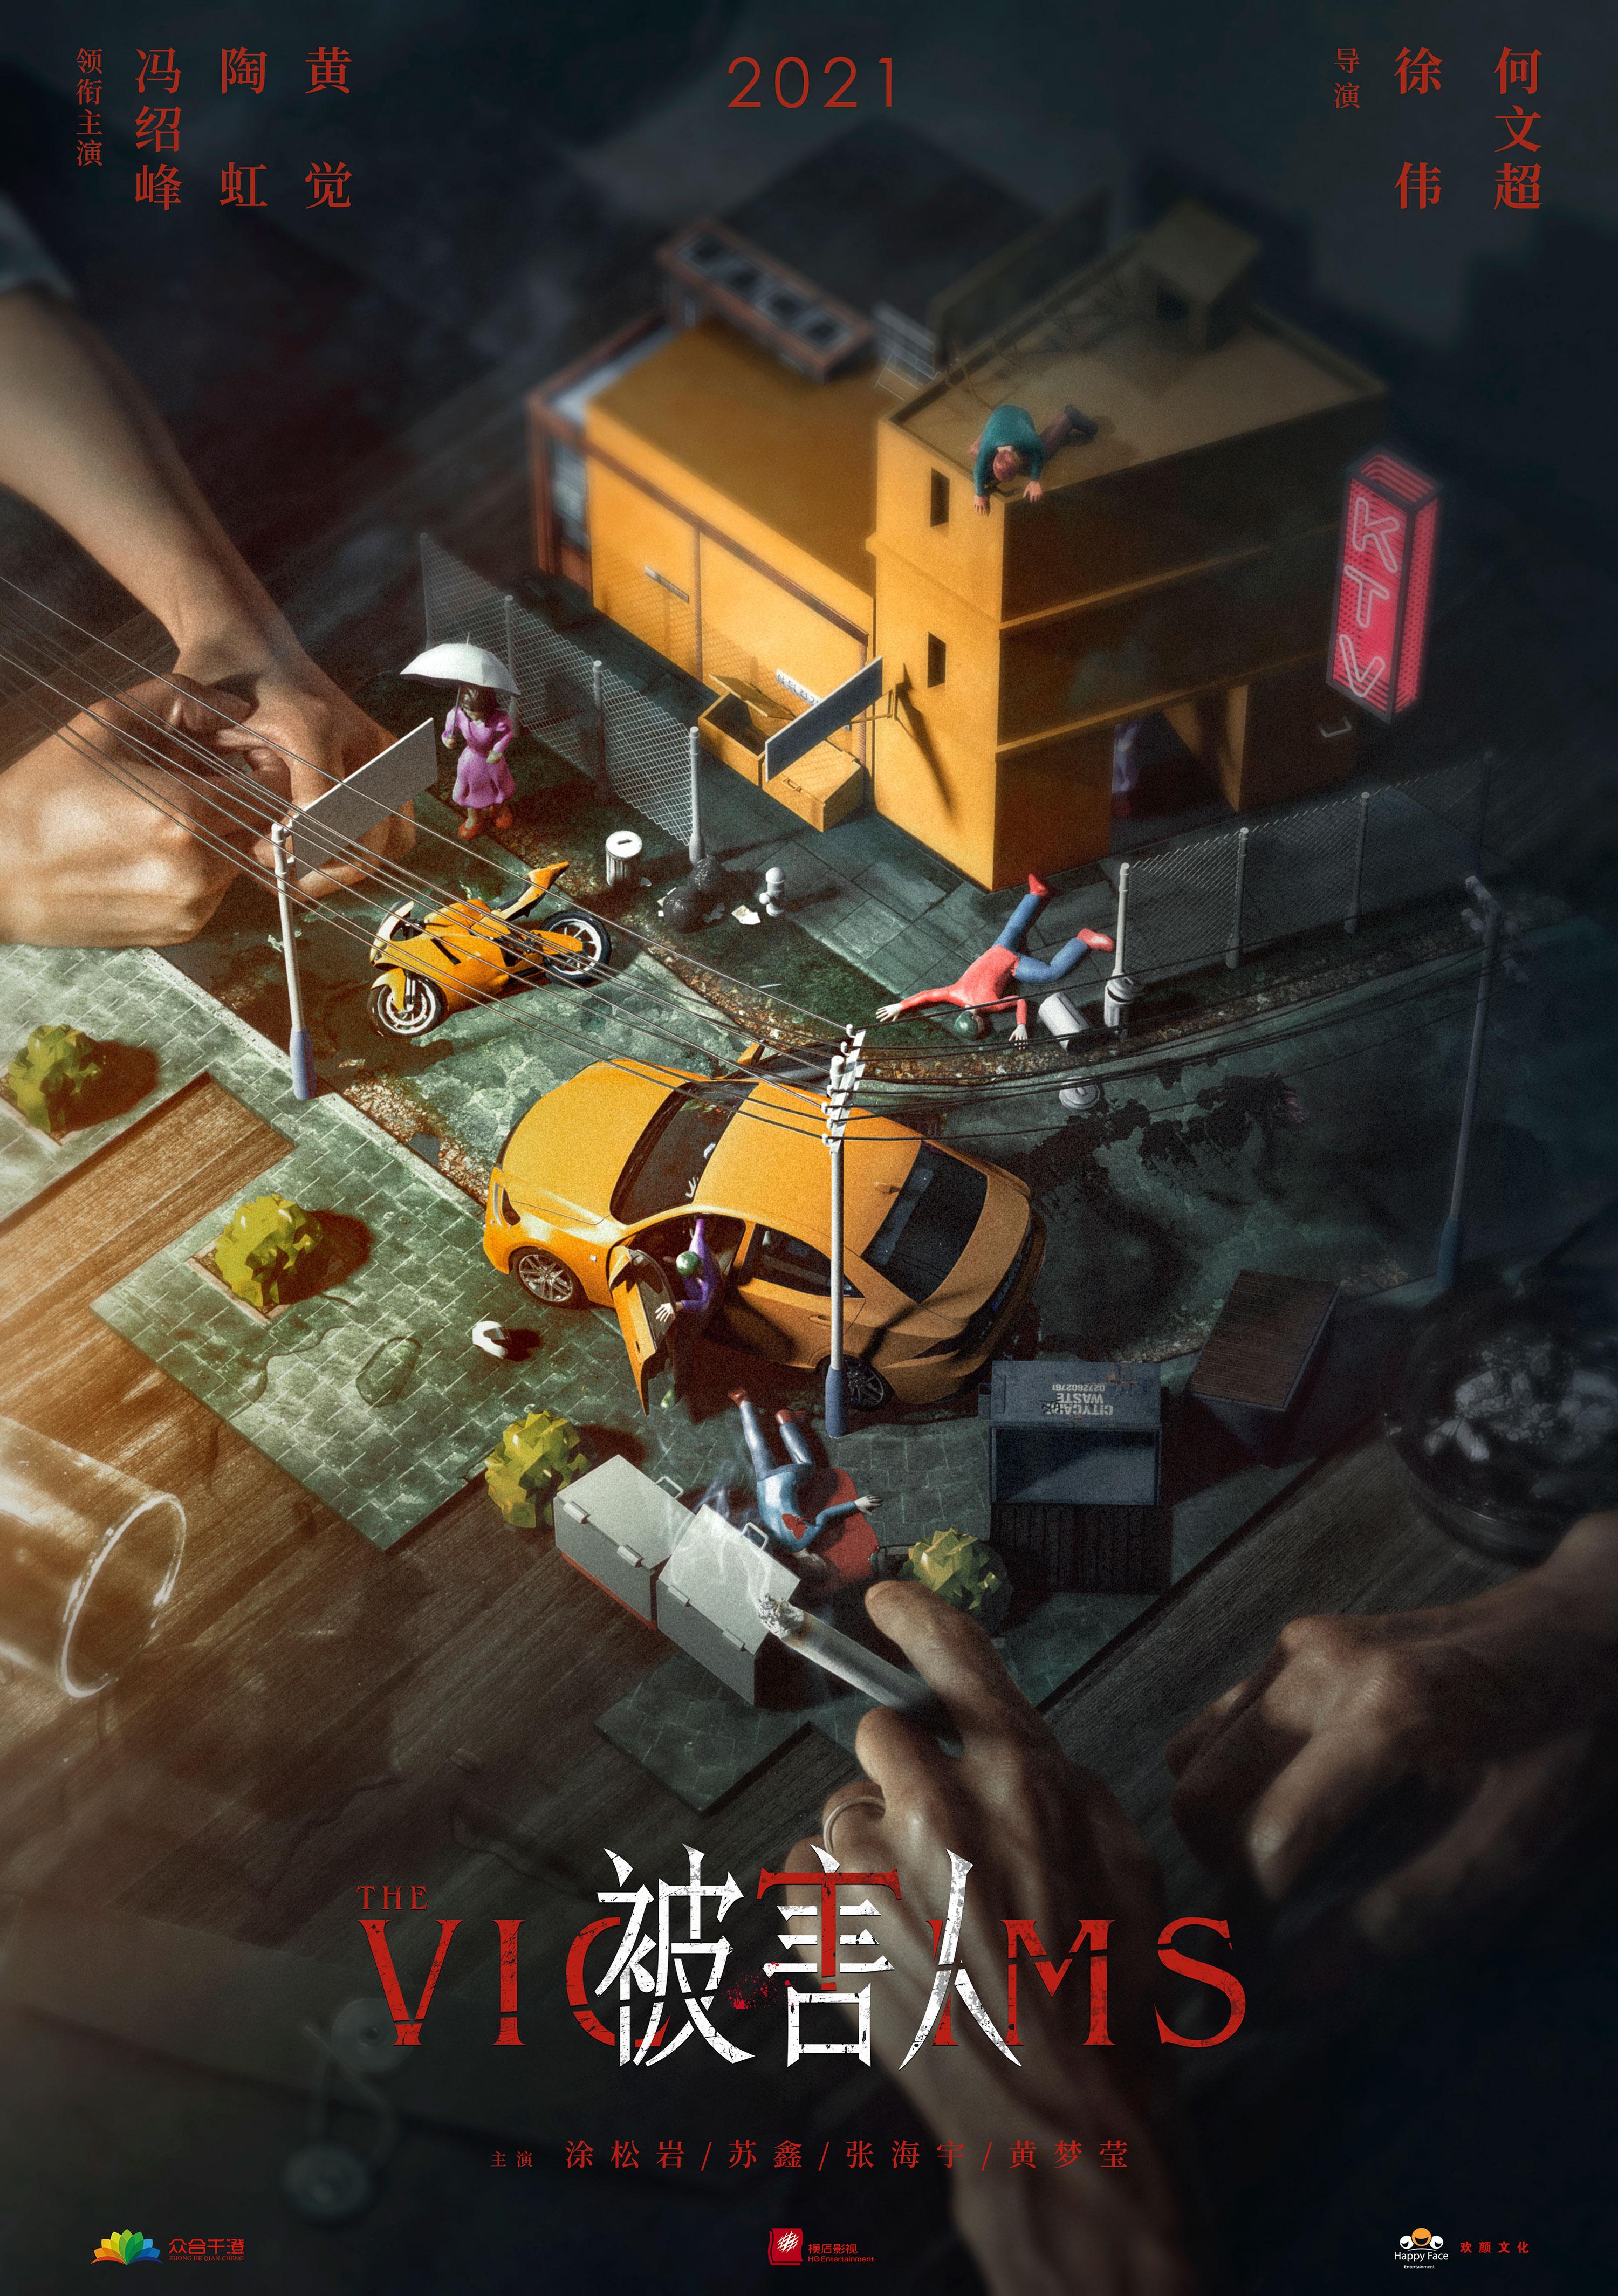 《被害人》发布飞行员通告冯绍峰·洪涛·黄觉被疑云笼罩